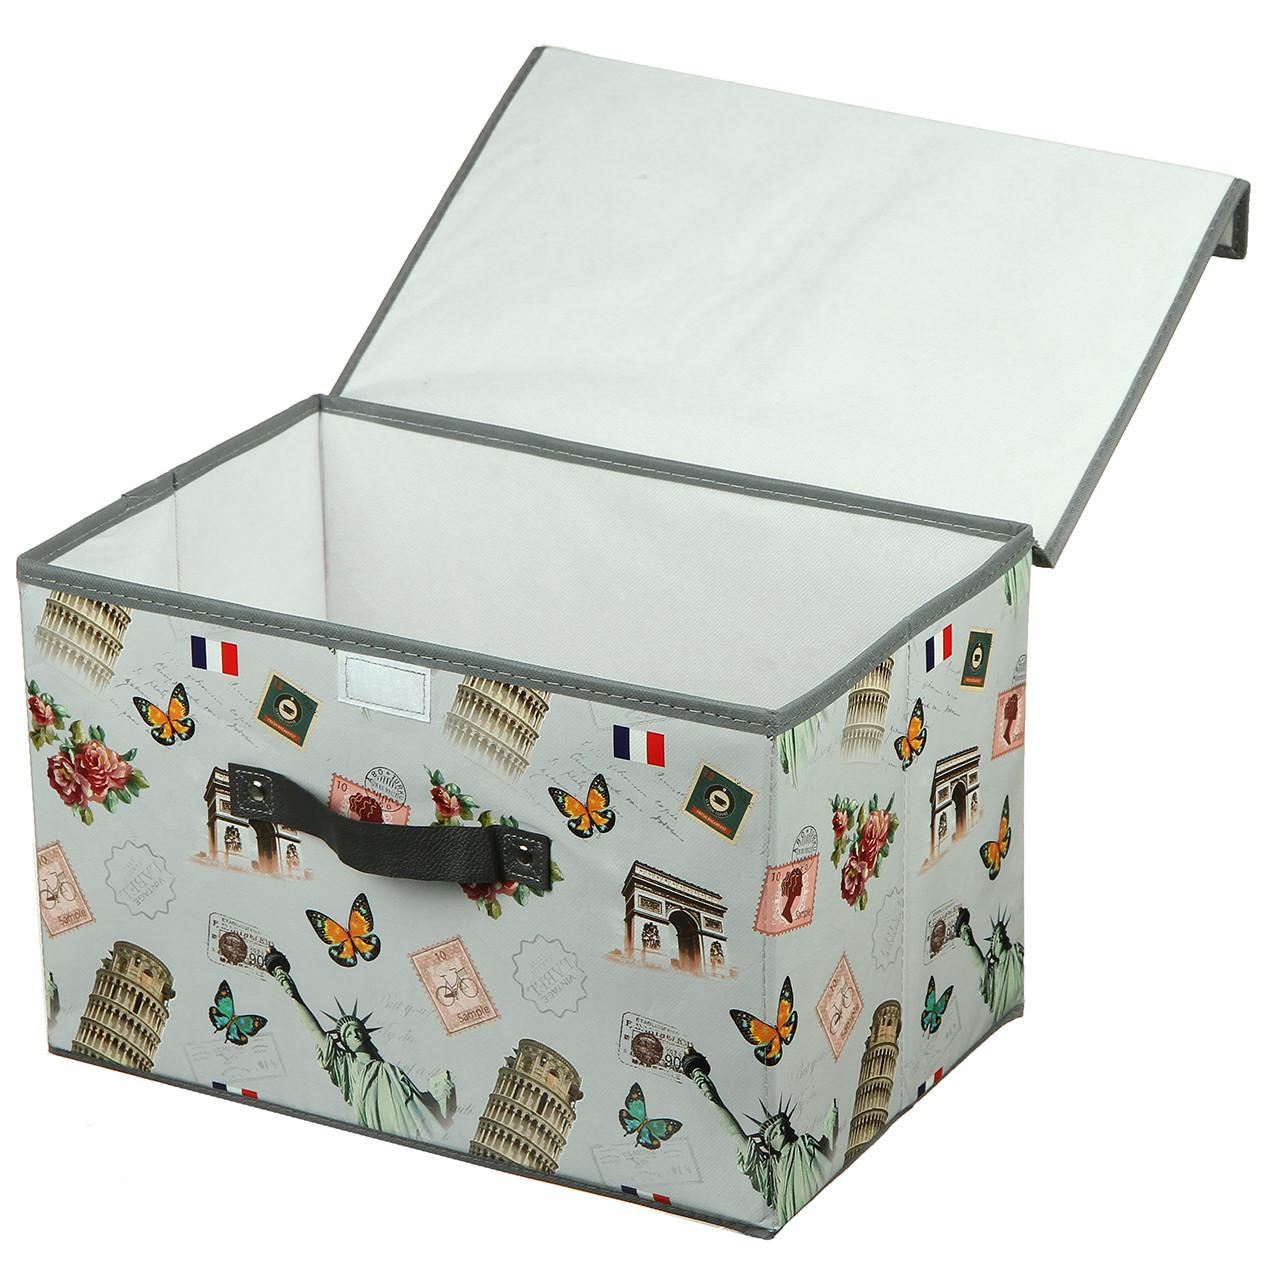 Ящик для хранения вещей STENSON 38 х 25 х 25 см (12401)